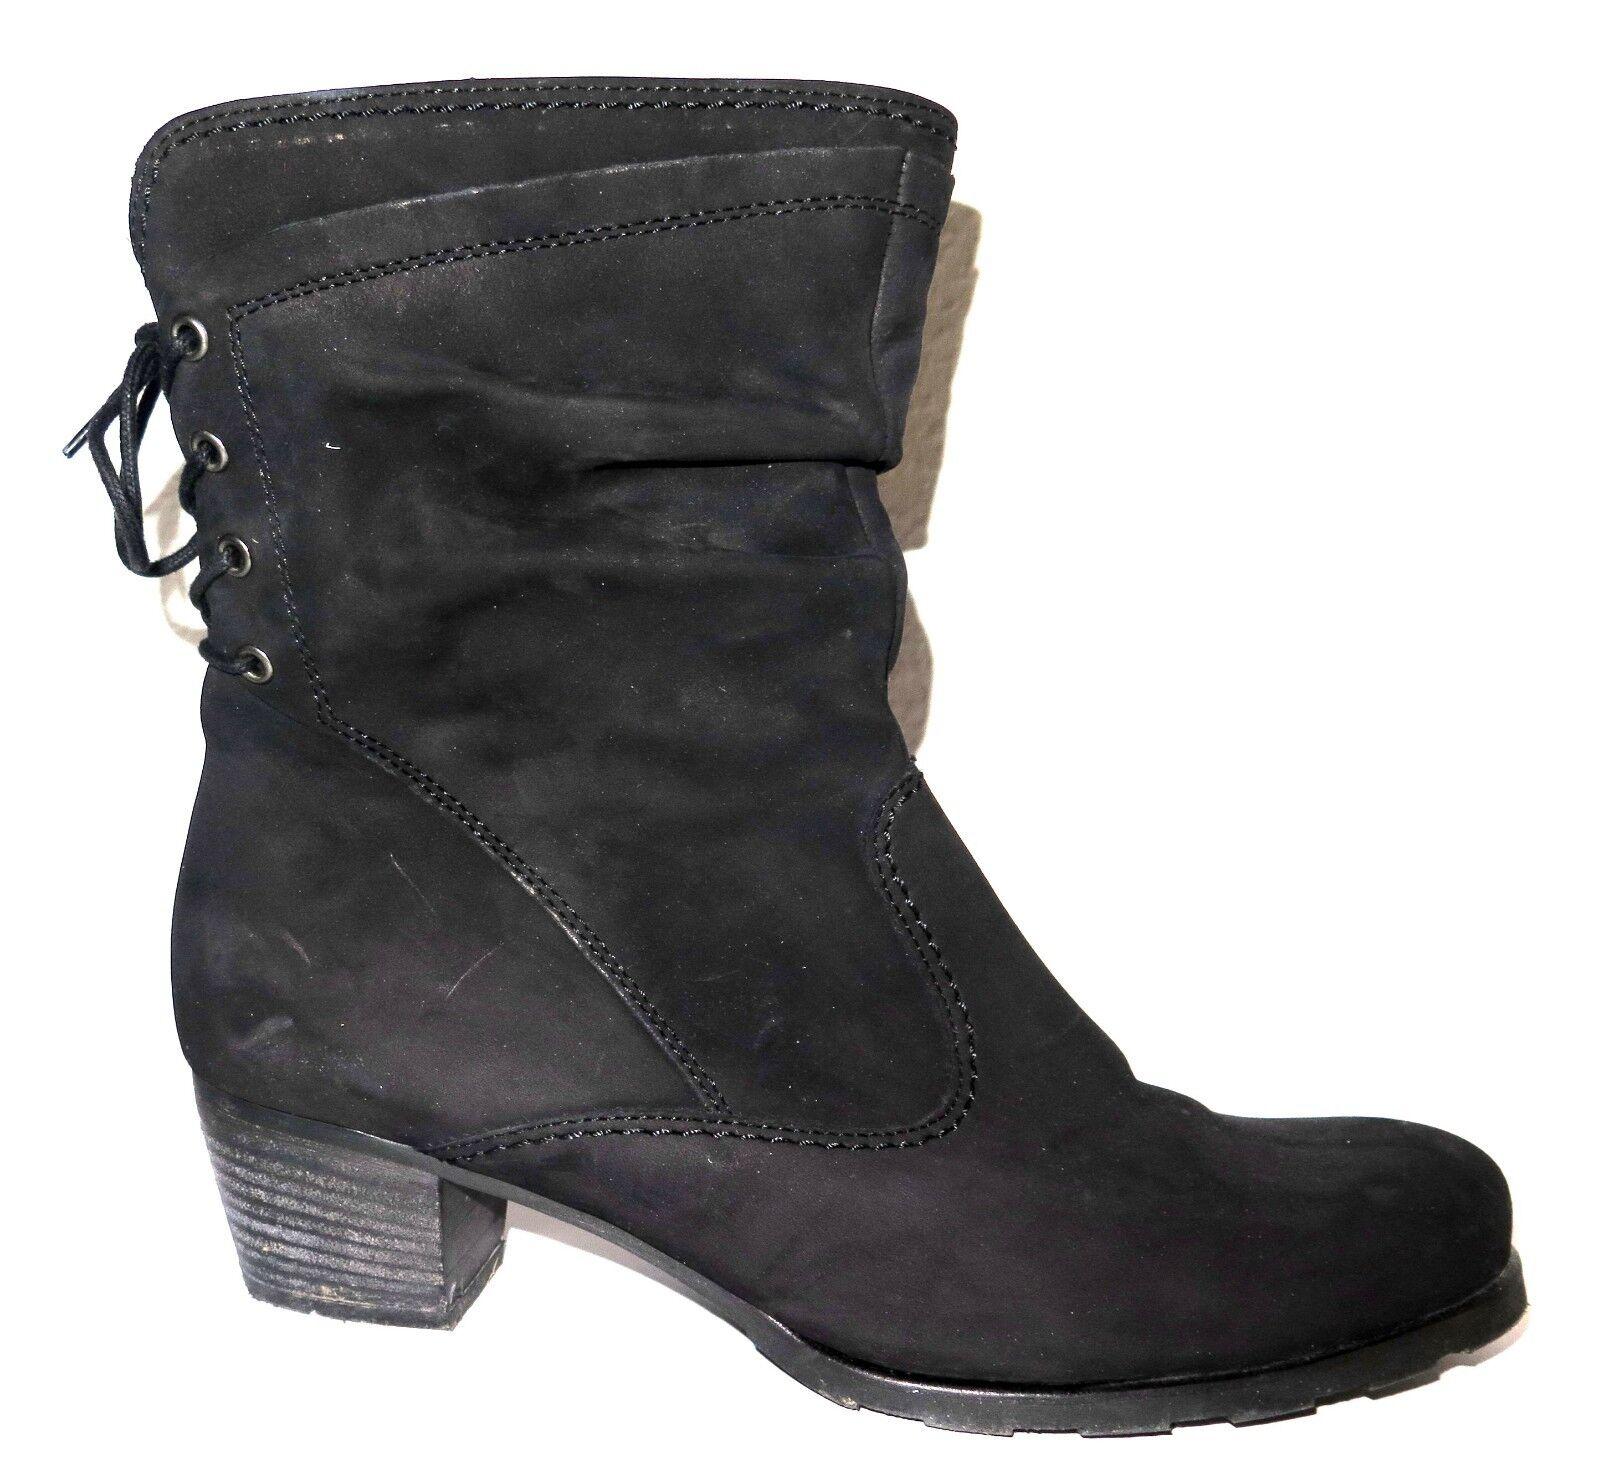 Gabor 96.604.47 Damen schwarz Kurzschaft Stiefel, Größe 41, schwarz Damen 5dd30f